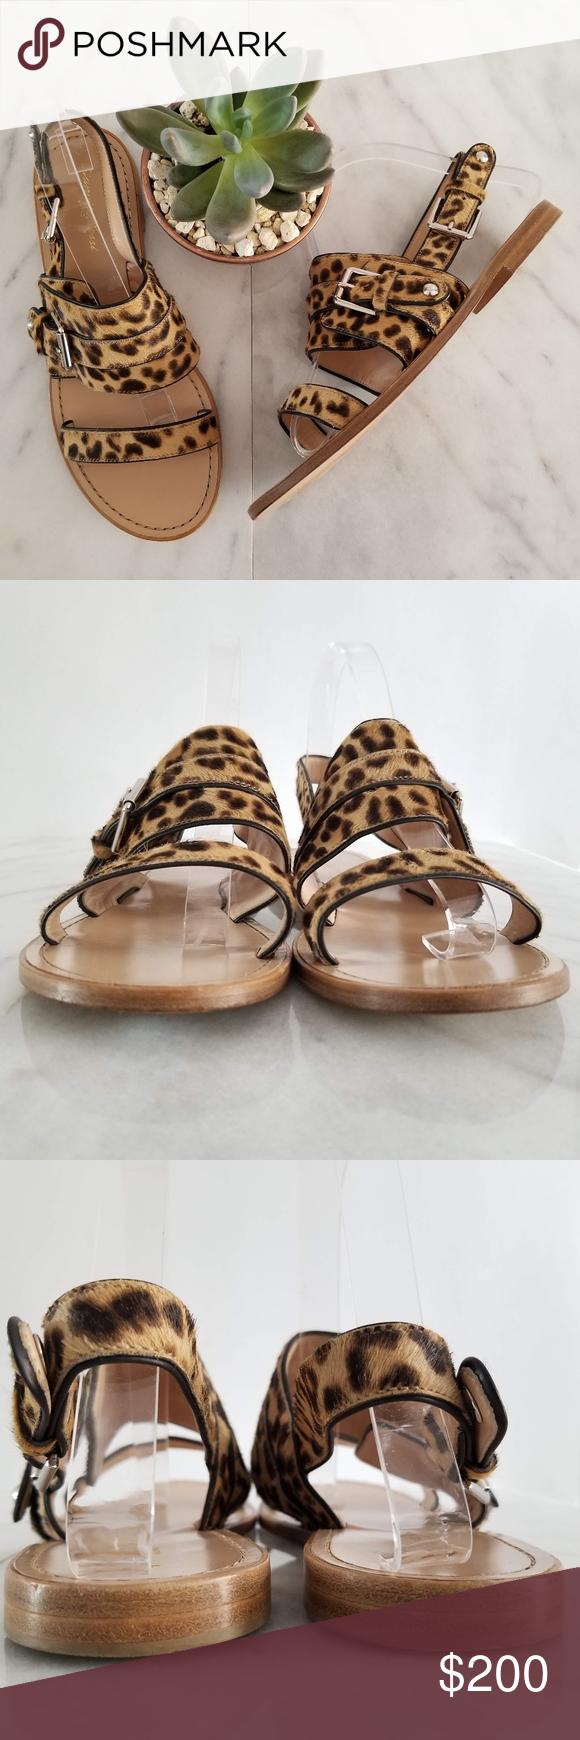 82a51bc7e22 Gianvito Rossi Leopard-Print Tan Flat Sandal 10 Gianvito Rossi sandal in  leopard-print